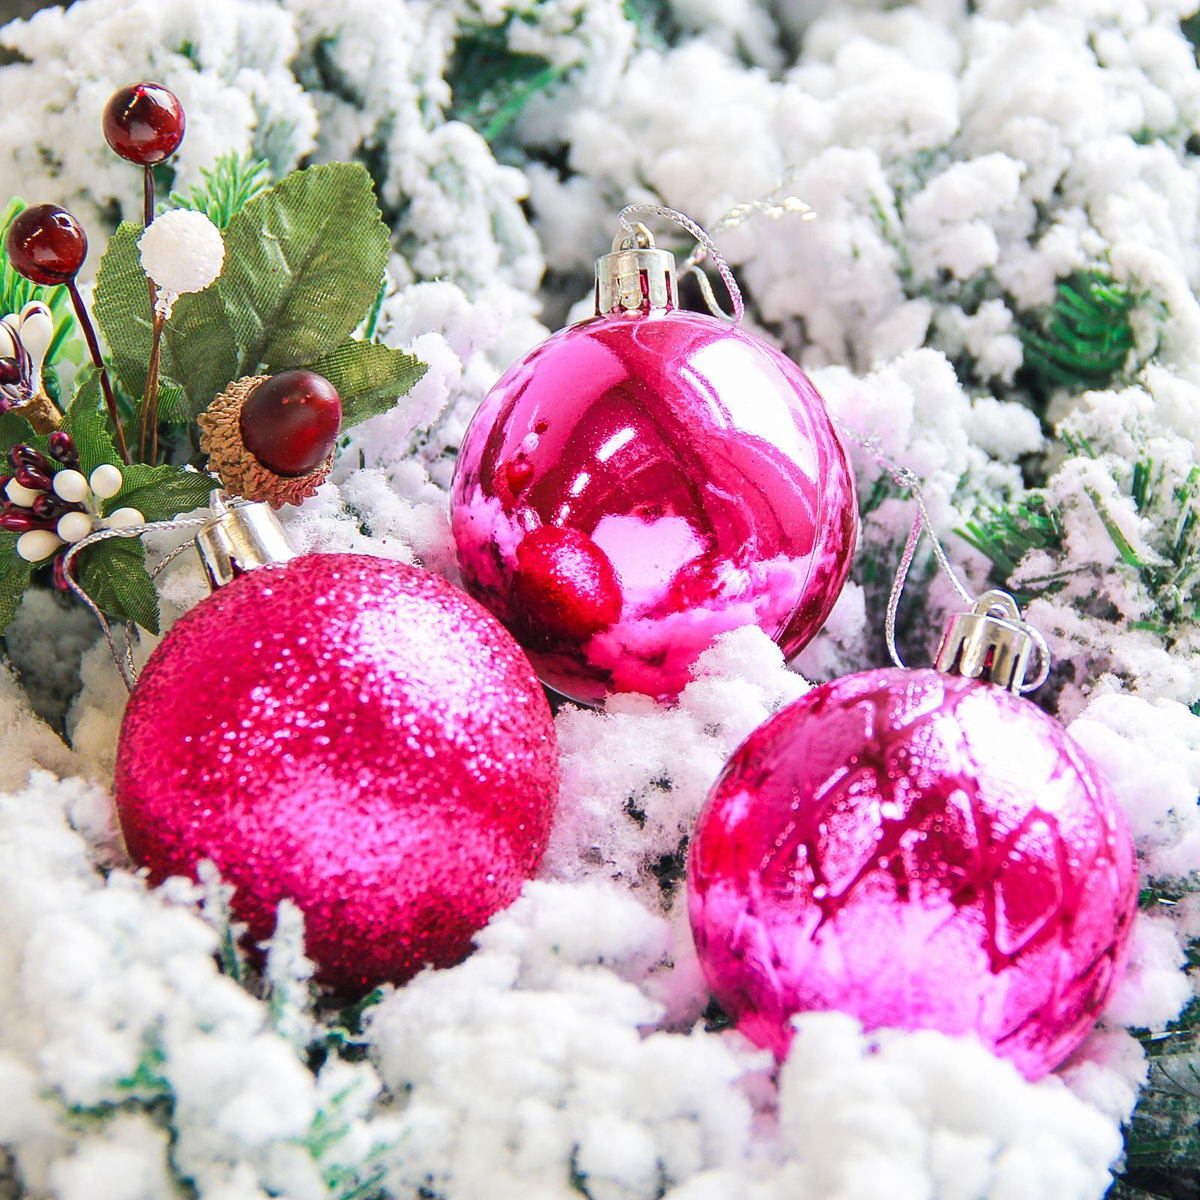 Набор новогодних подвесных украшений Sima-land Анданте, цвет: малиновый, диаметр 6 см, 6 шт2178234Новогодние украшения Sima-land изготовлены из пластика. Изделия имеют плотный корпус, поэтому не разобьются при падении.Невозможно представить нашу жизнь без праздников! Новогодние украшения несут в себе волшебство и красоту праздника. Создайте в своем доме атмосферу тепла, веселья и радости, украшая его всей семьей.В наборе 6 штук.